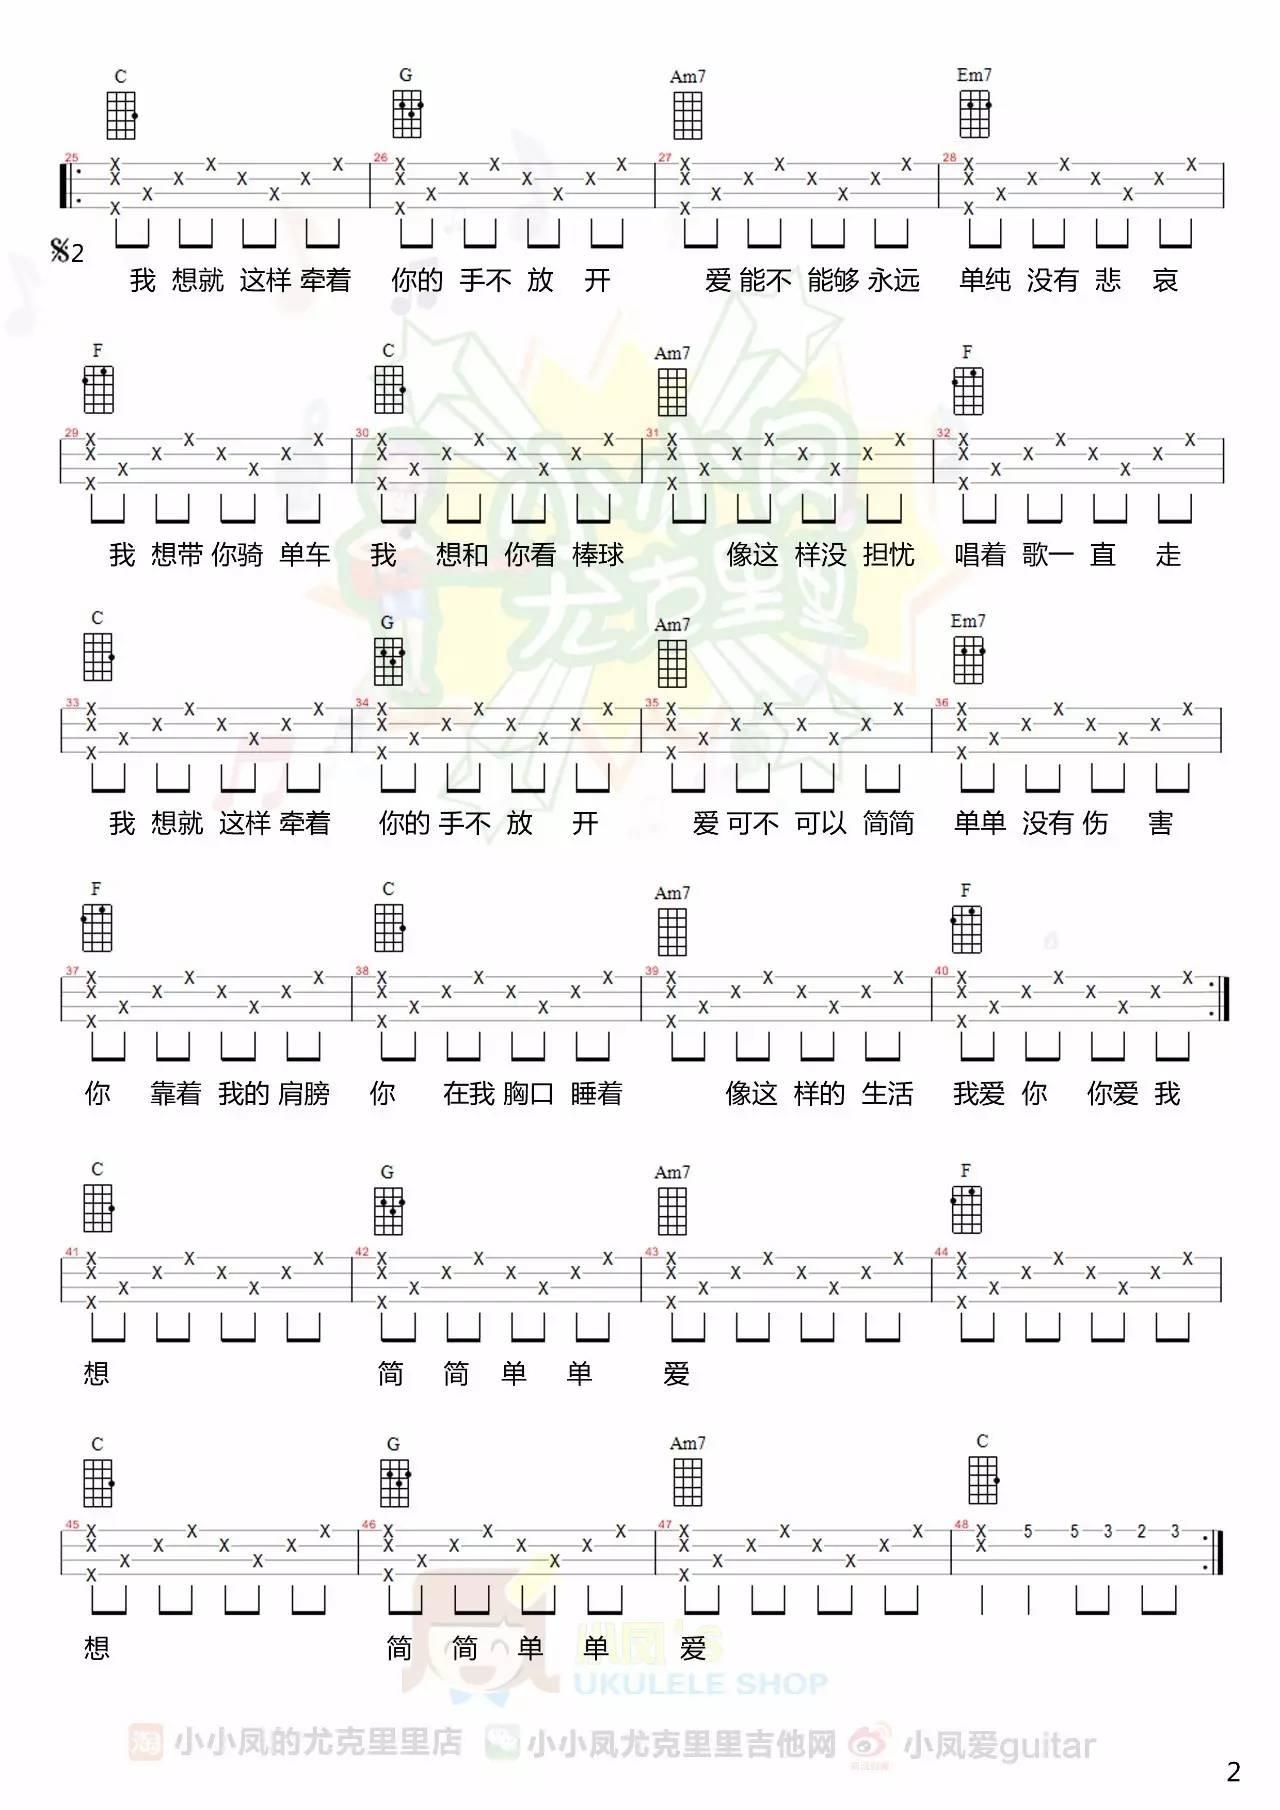 《简单爱》高清ukulele四线谱